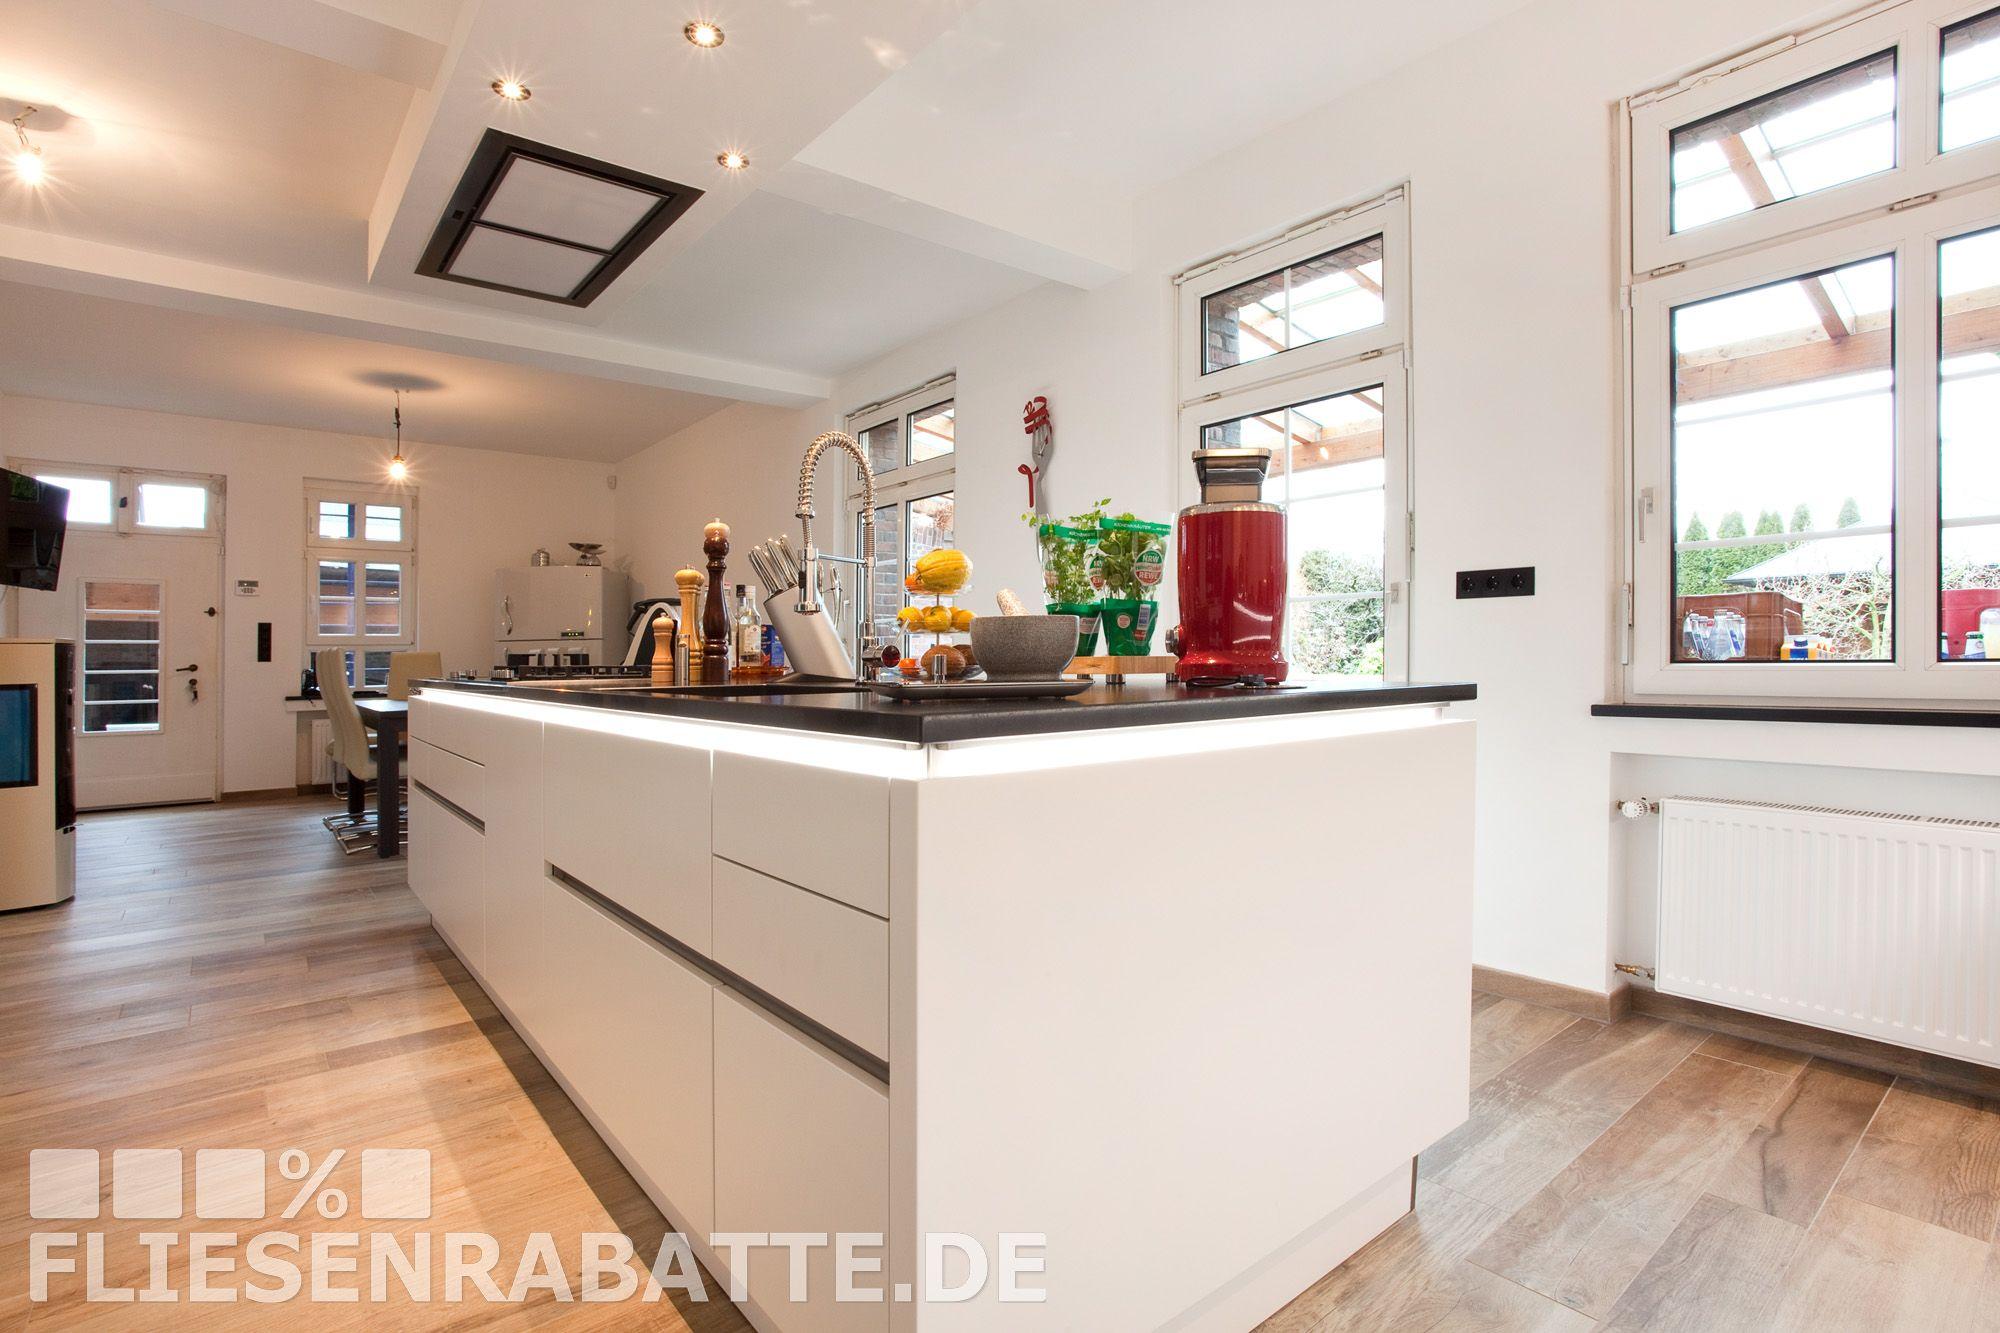 Luxusküche weiße luxus küche fußbodenfliesen kronos ceramiche woodside oak